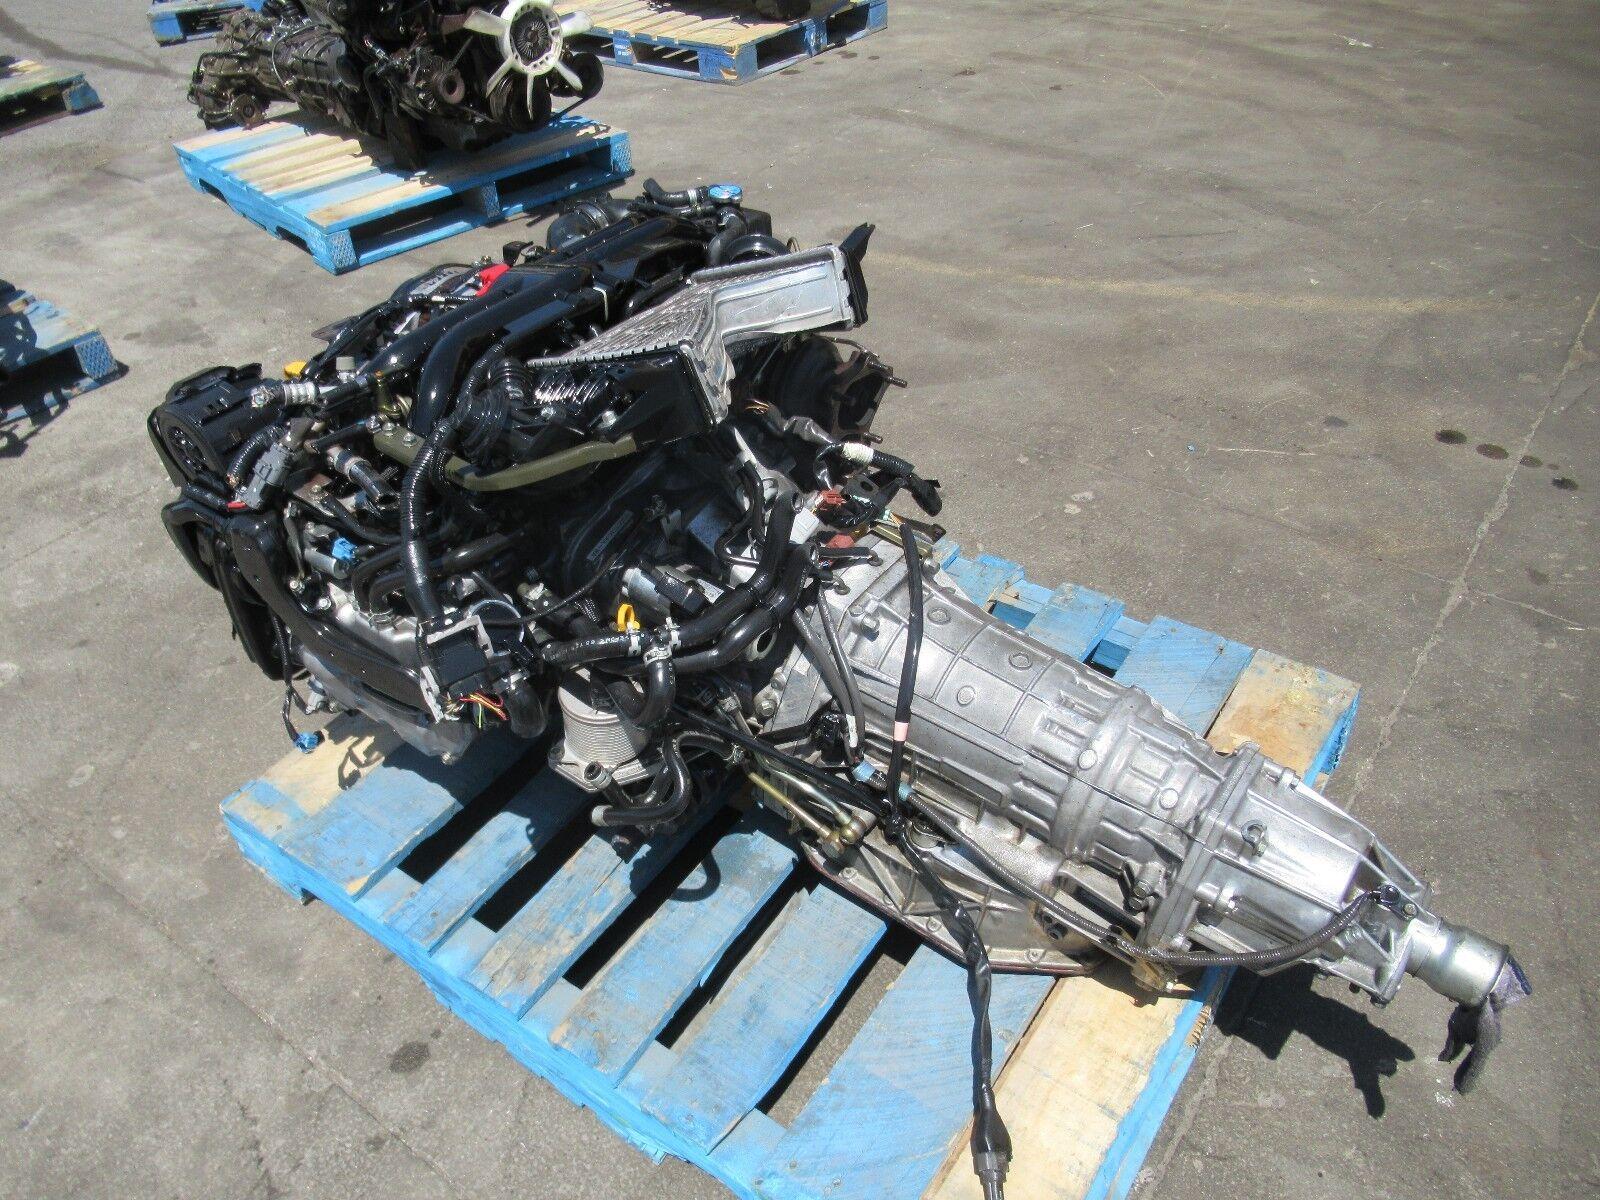 2007-2010 Subaru Impreza WRX Engine Turbo JDM Ej20 Replacement for Ej25 2 5l